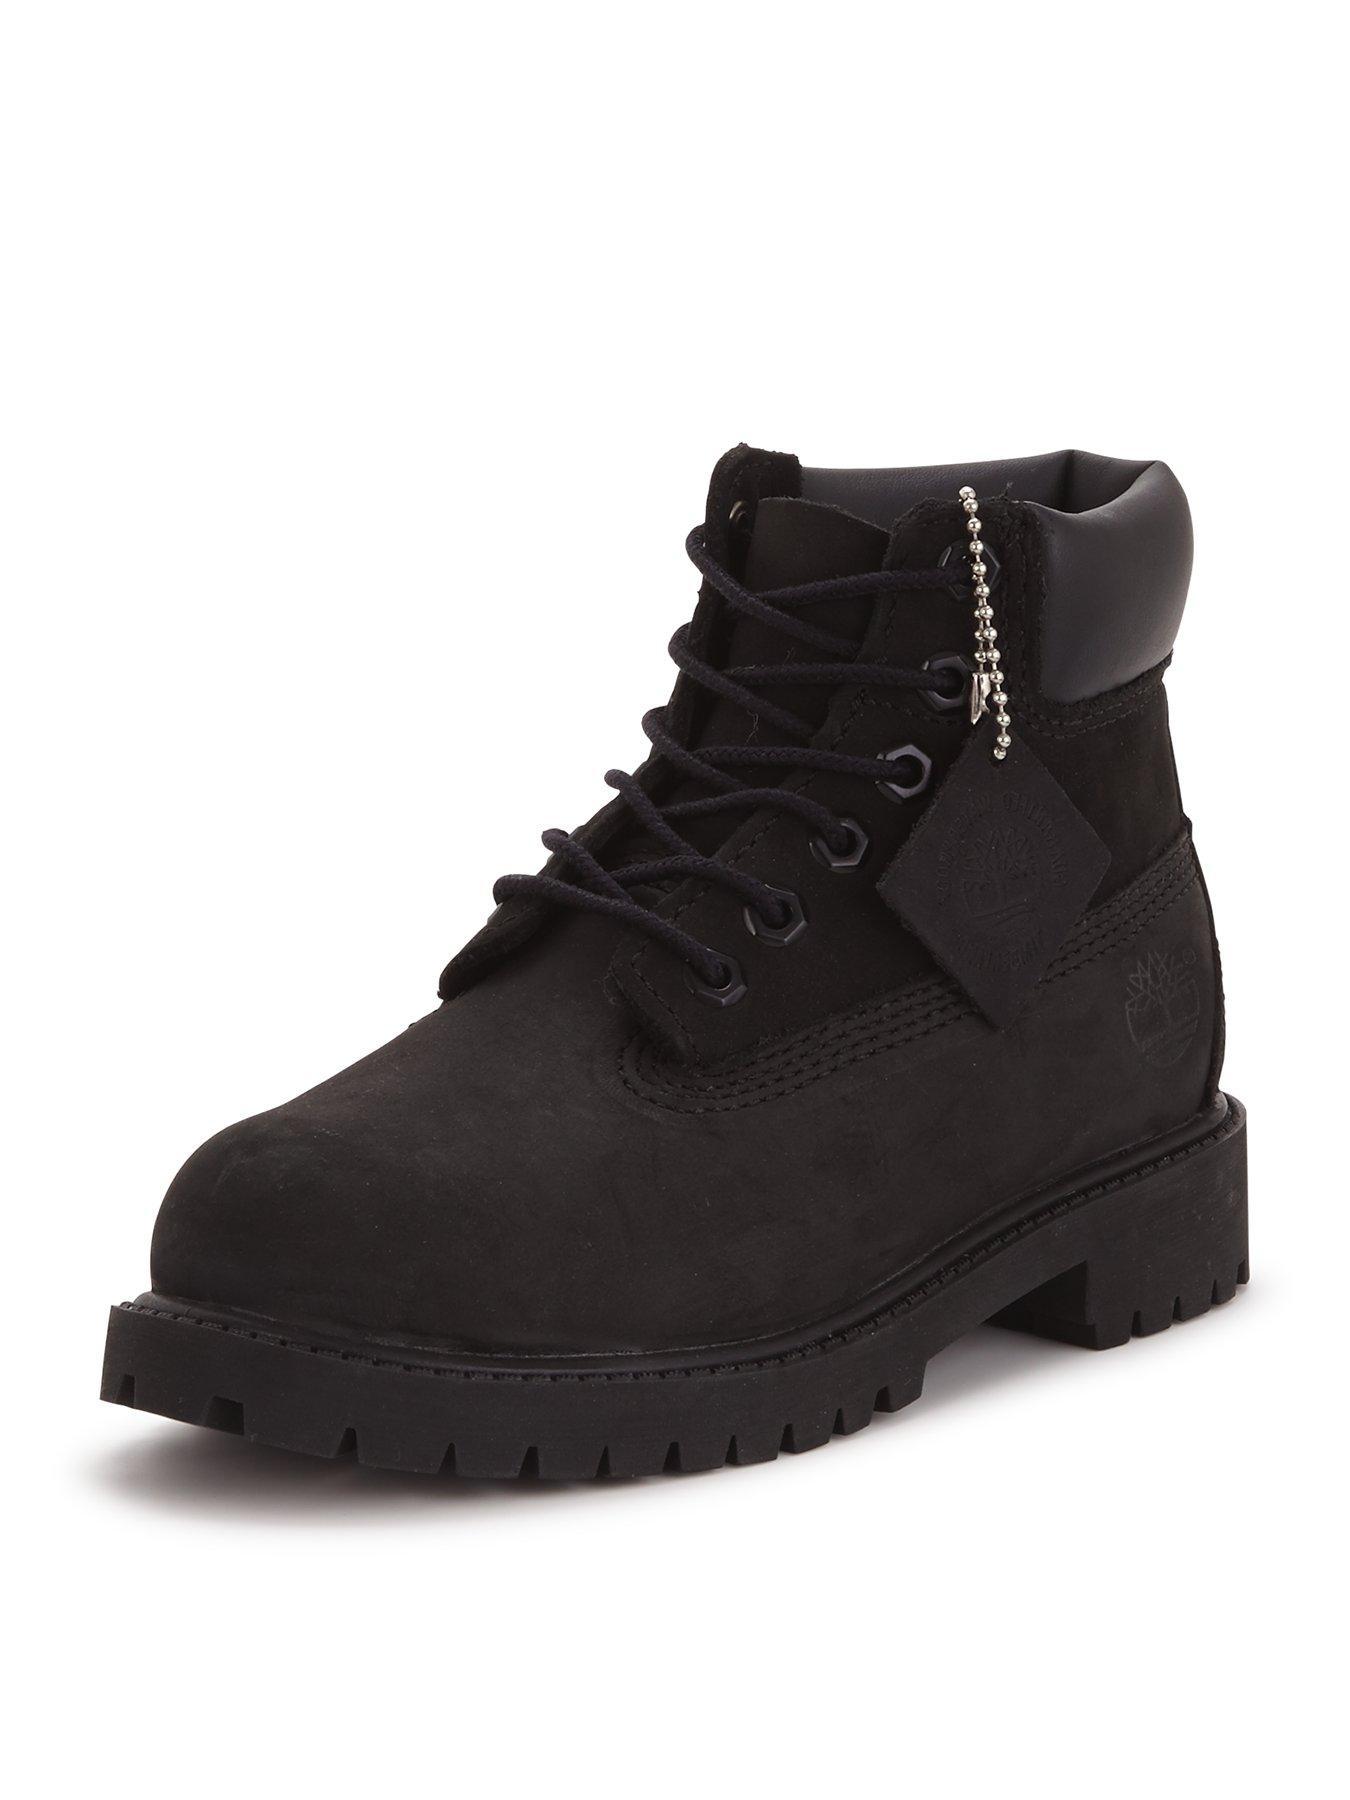 Timberland | Shoes \u0026 boots | Child